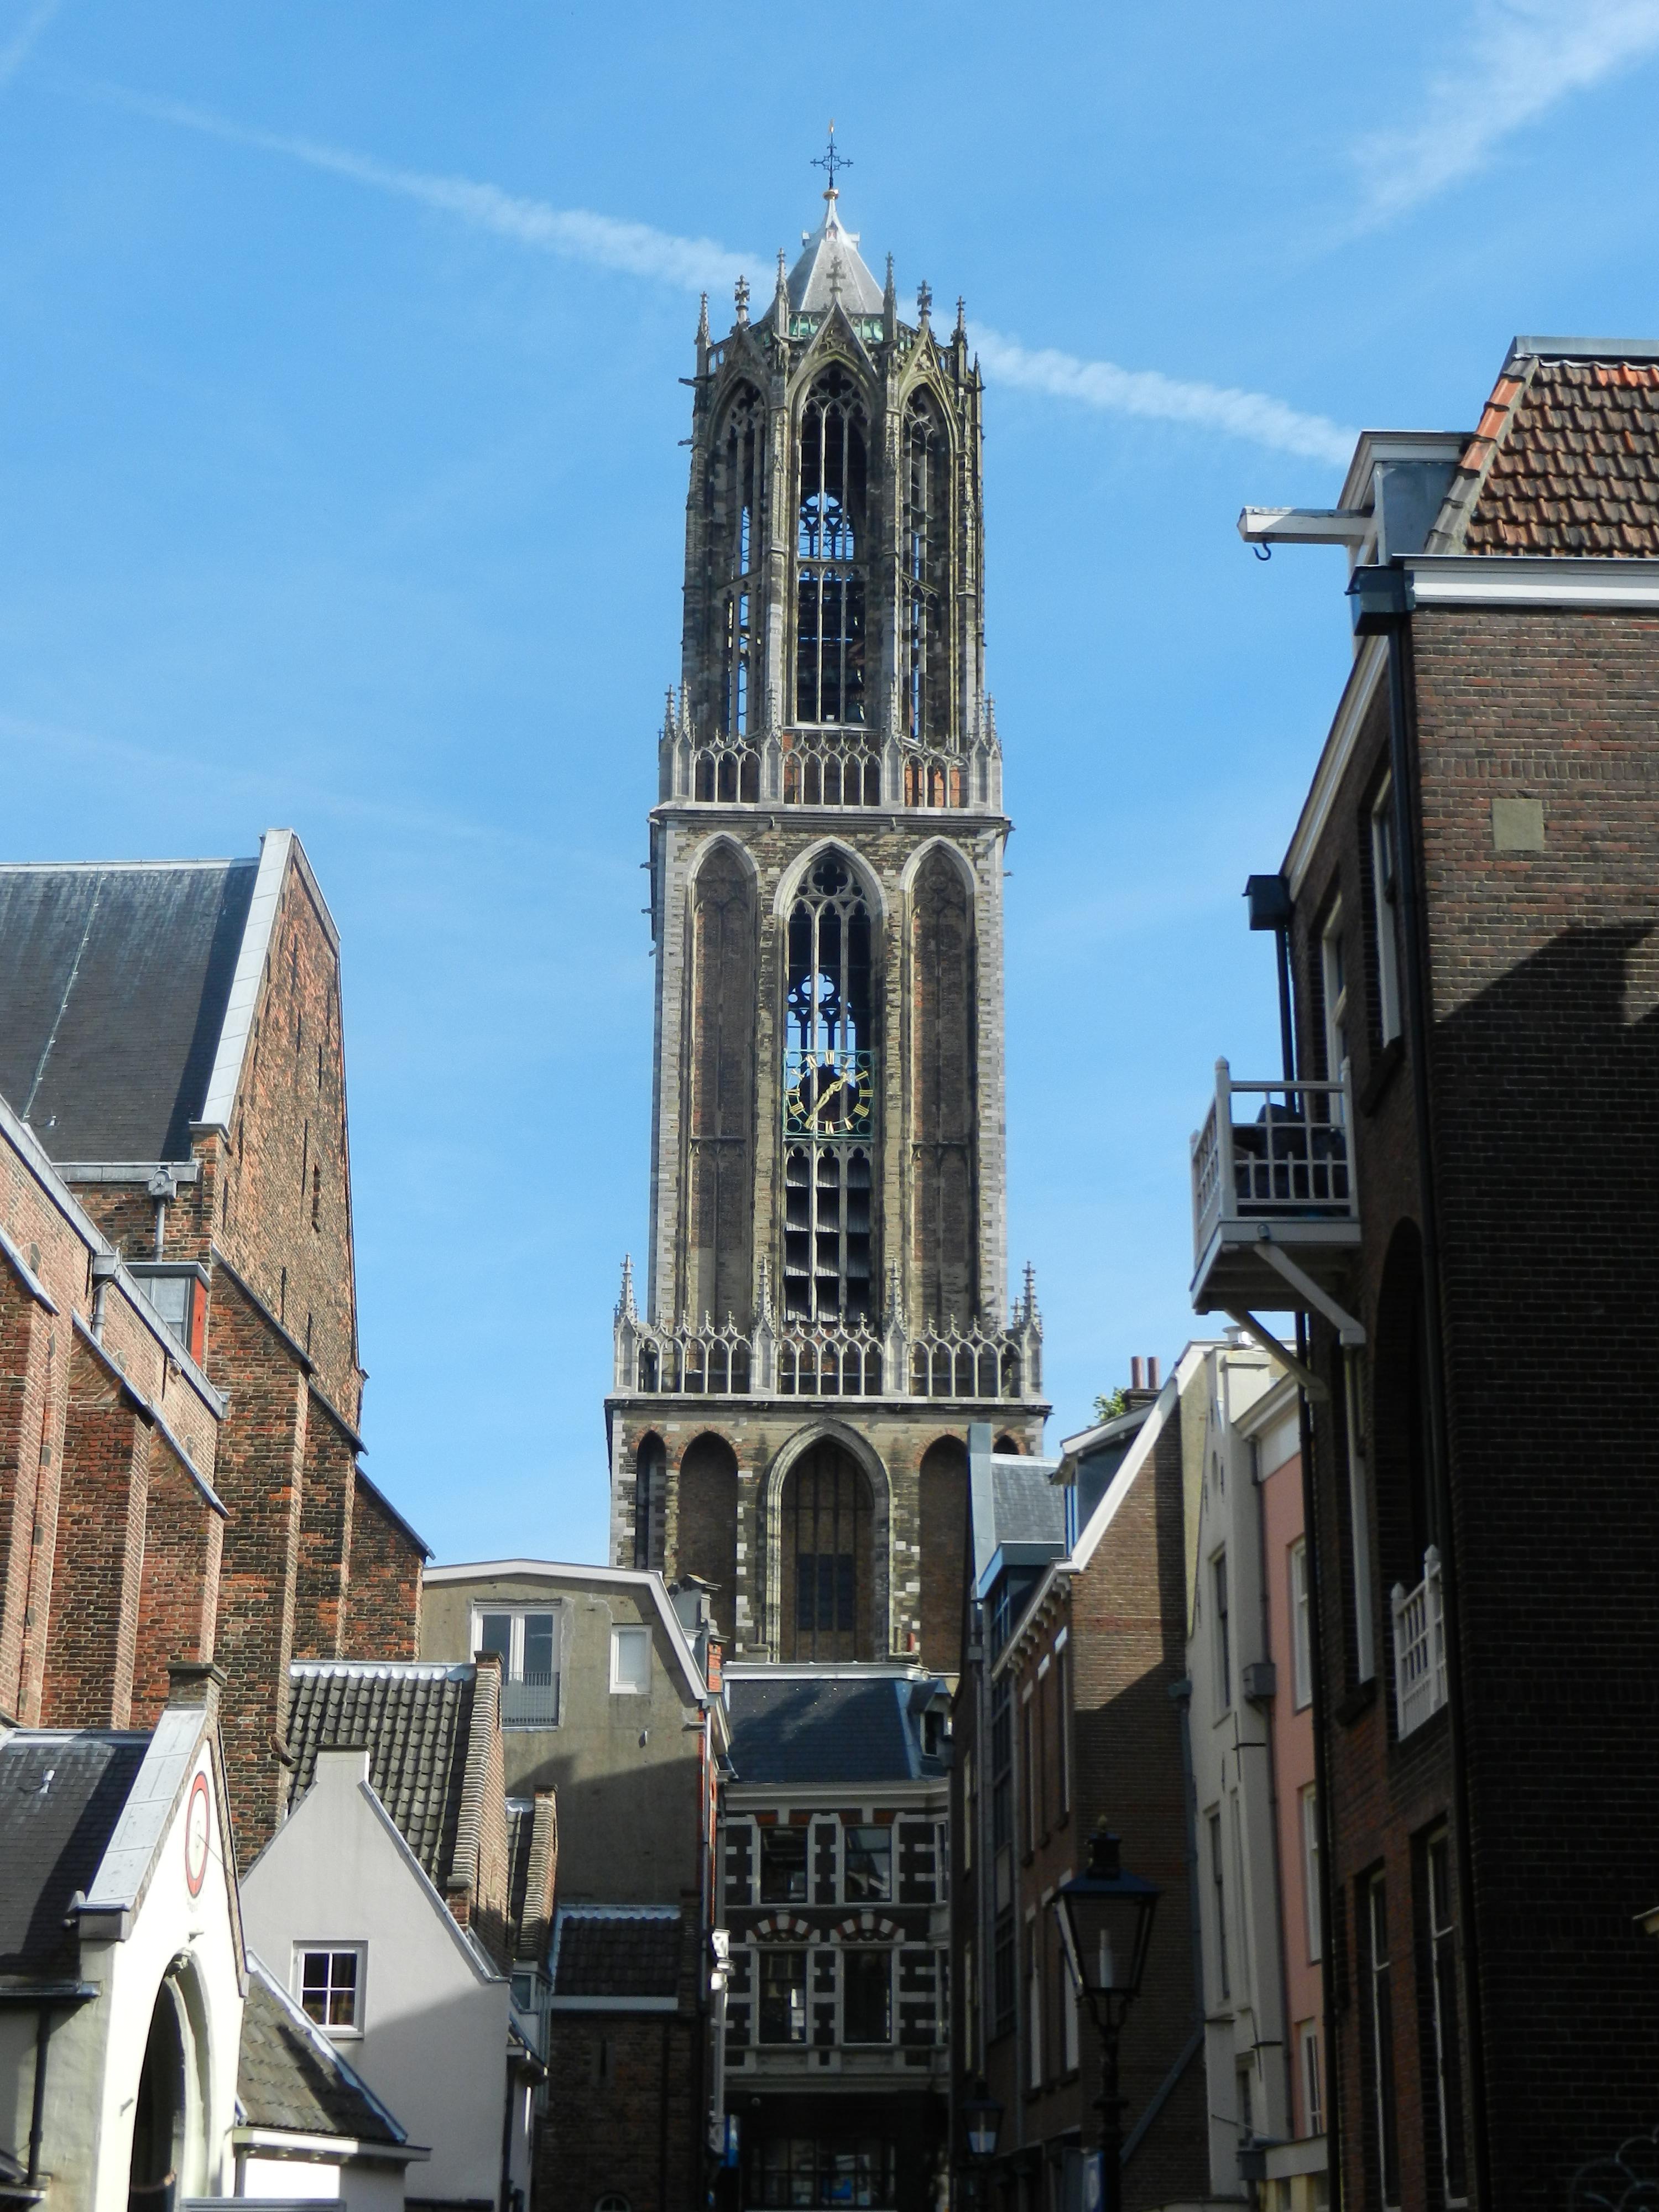 Domtoren Van Utrecht File:domtoren Utrecht.jpg